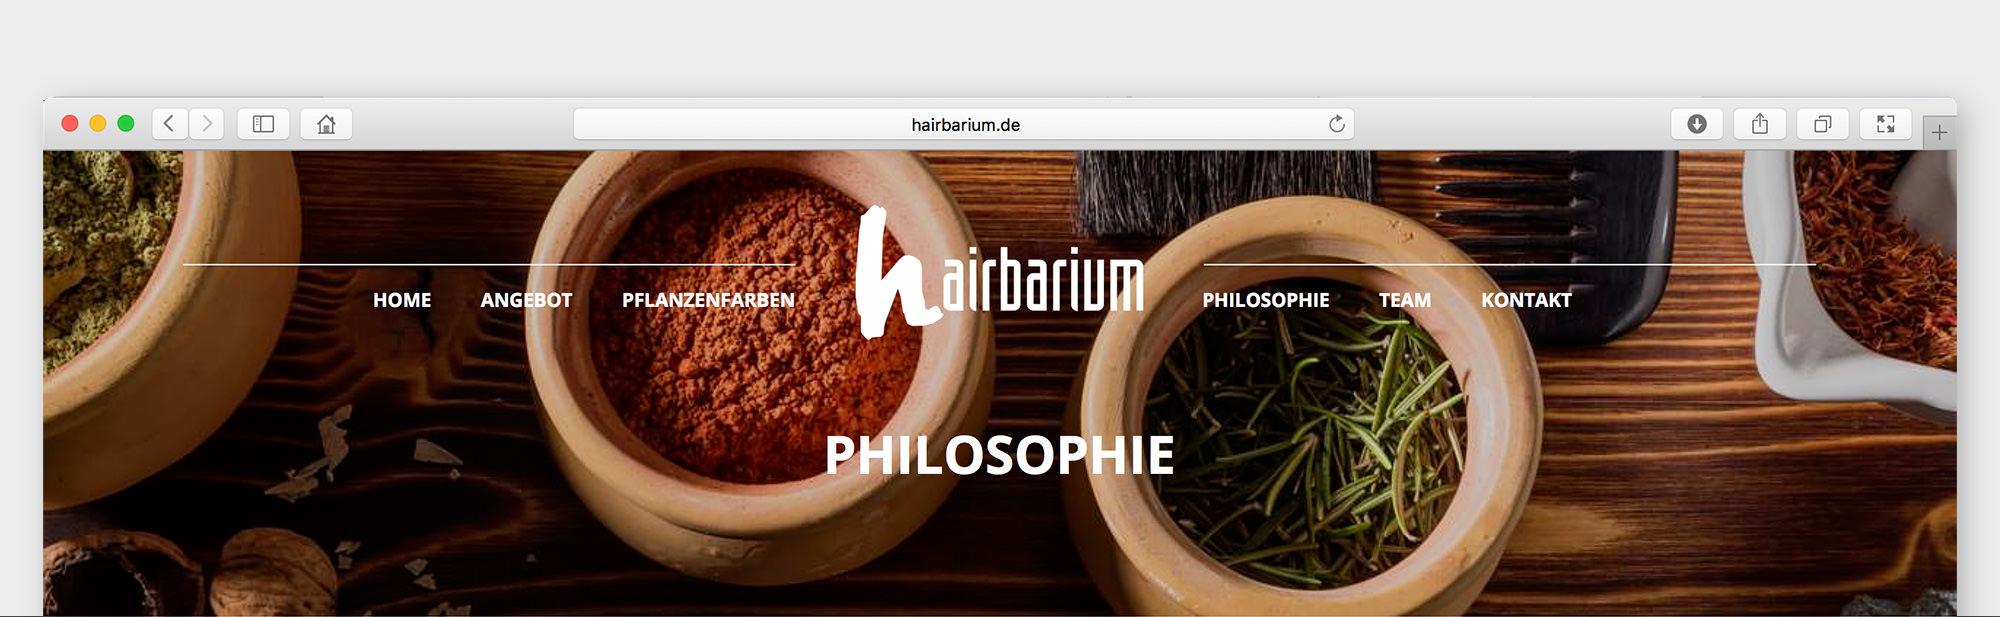 hairbarium_2a